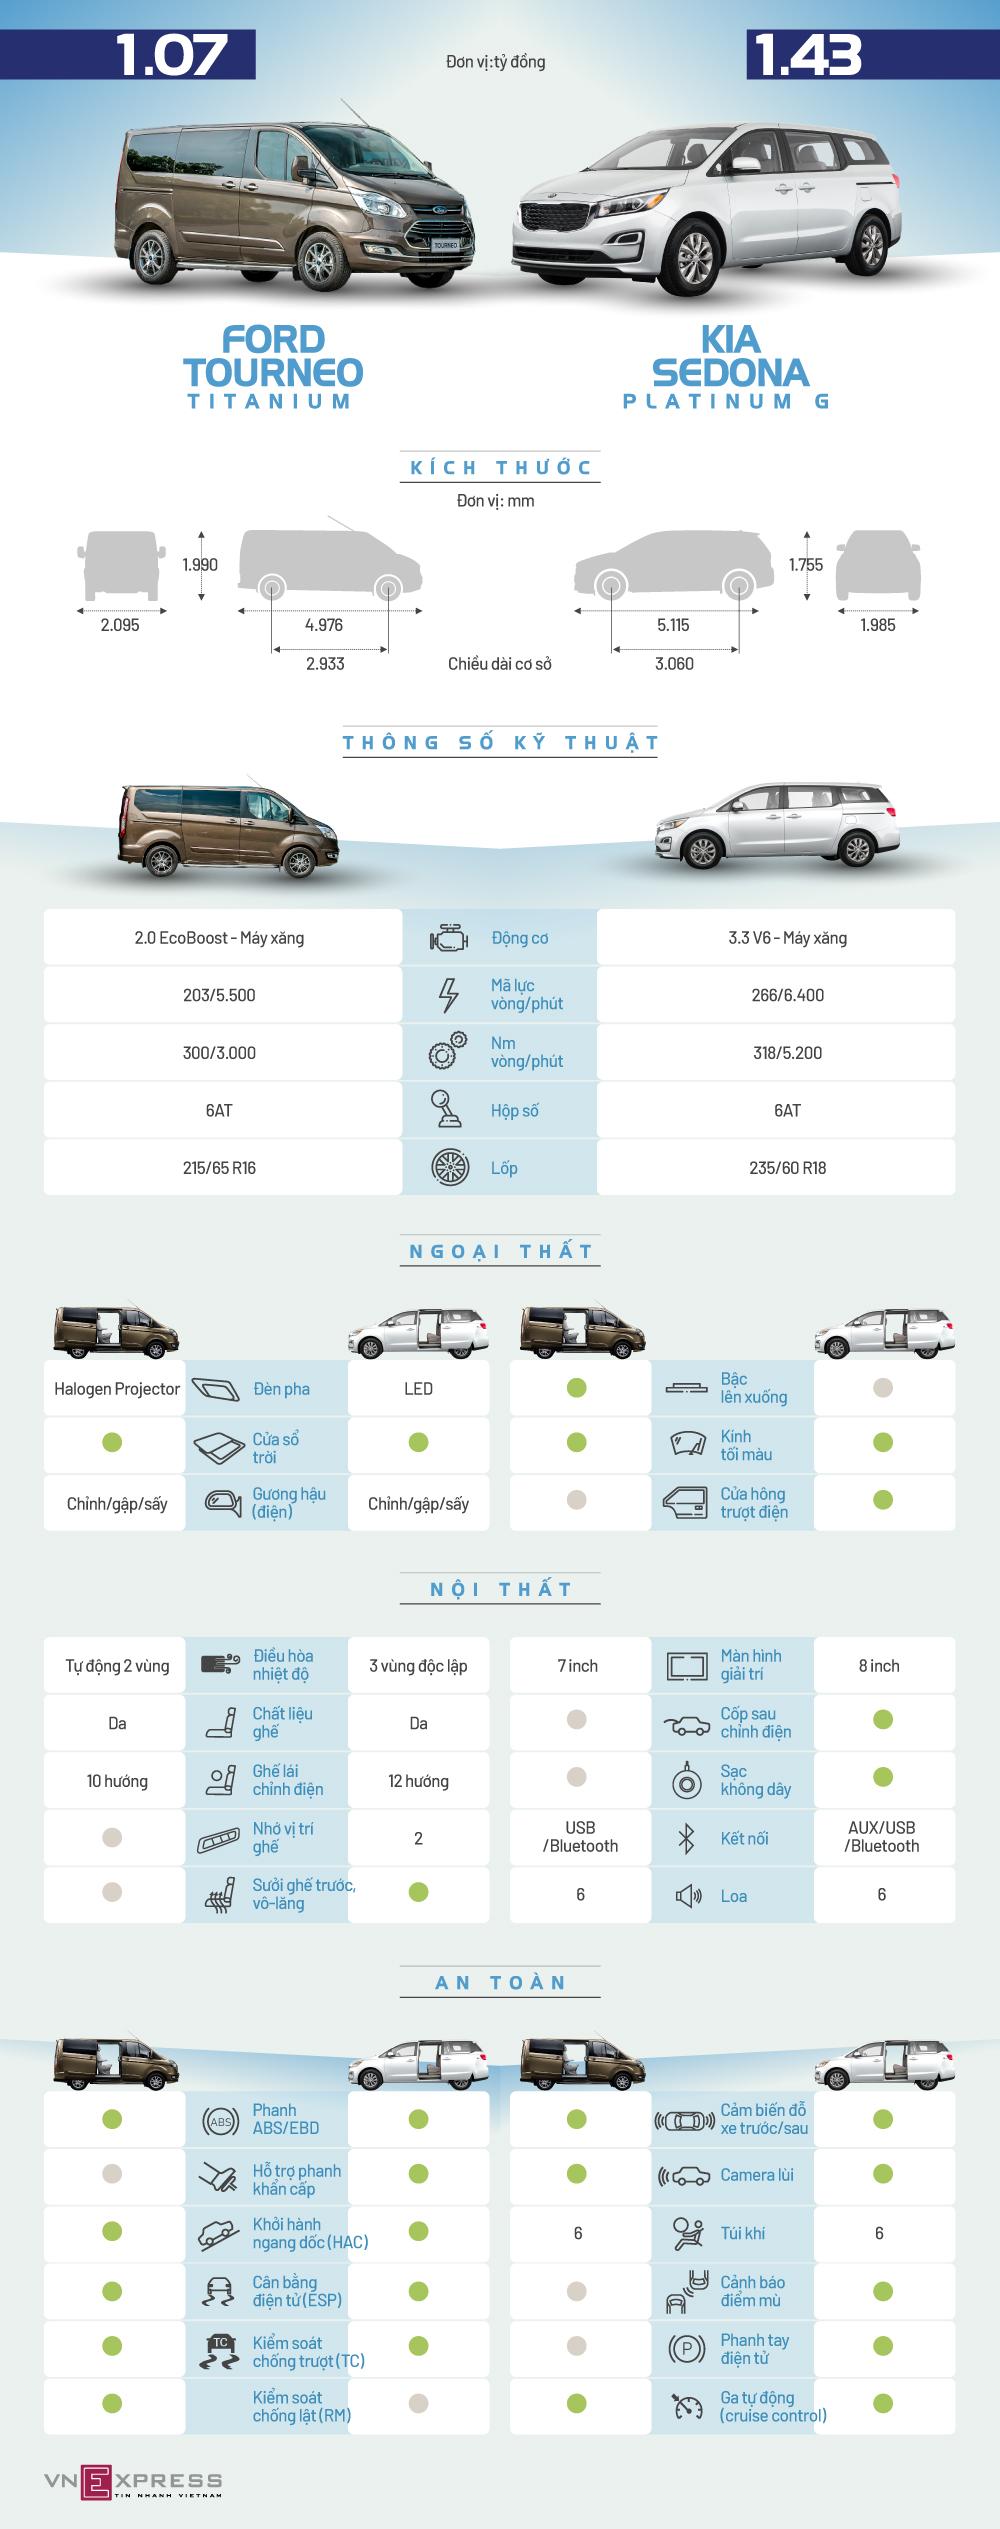 Ford Tourneo và Kia Sedona - cuộc chiến xe gia đình giá 1 tỷ